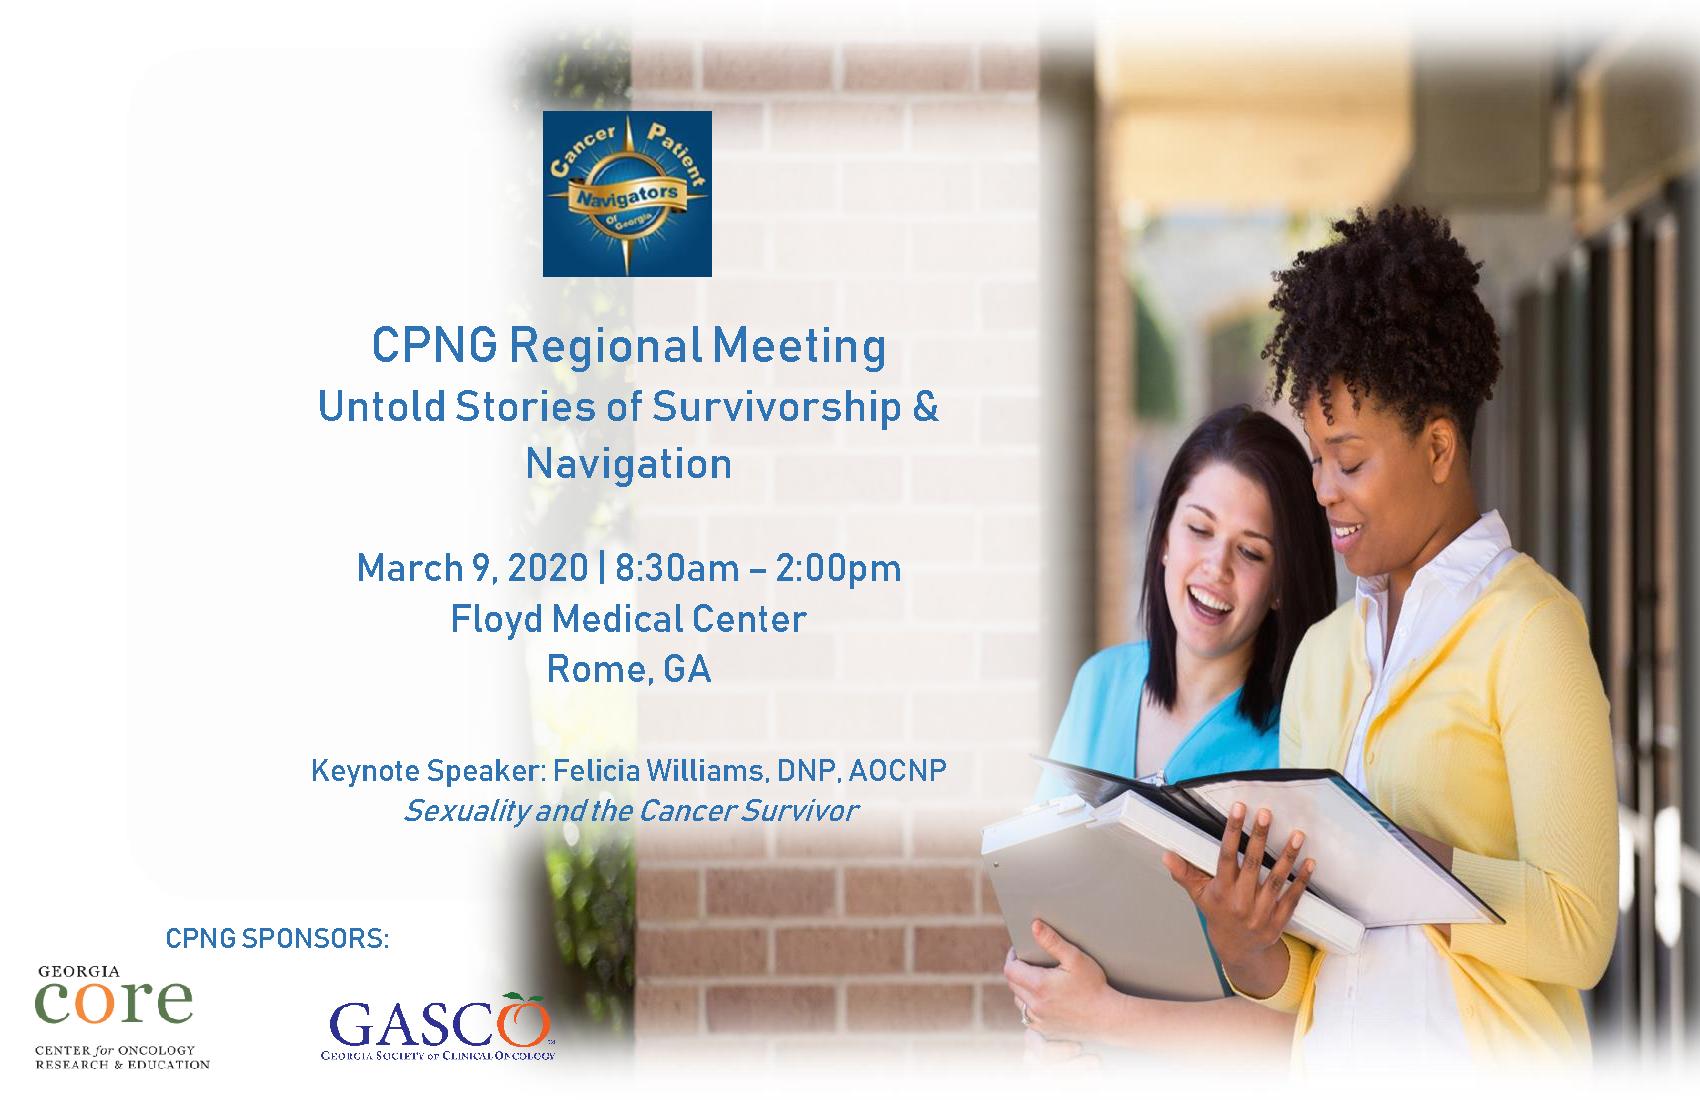 2020 CPNG Regional Meeting